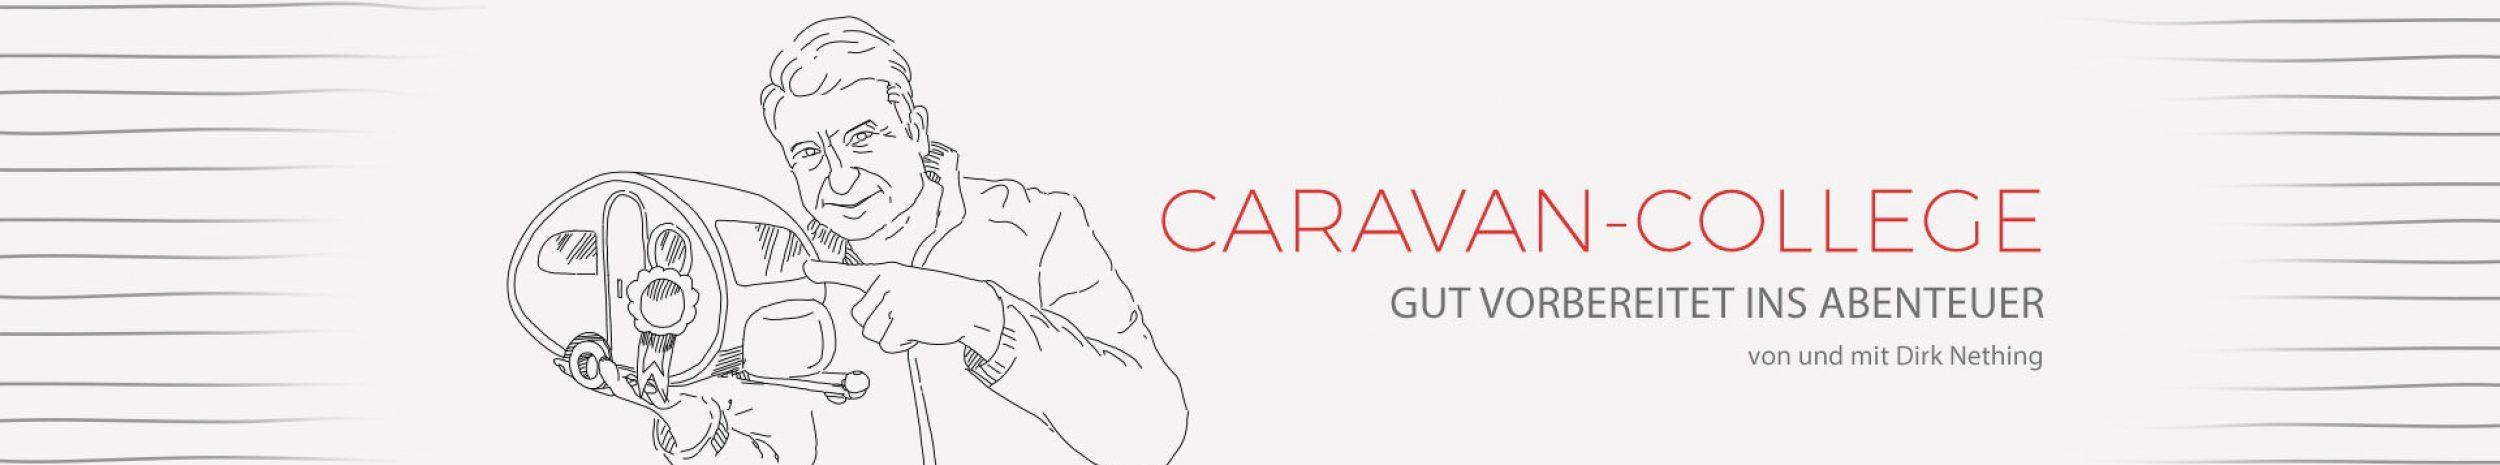 Caravan-College